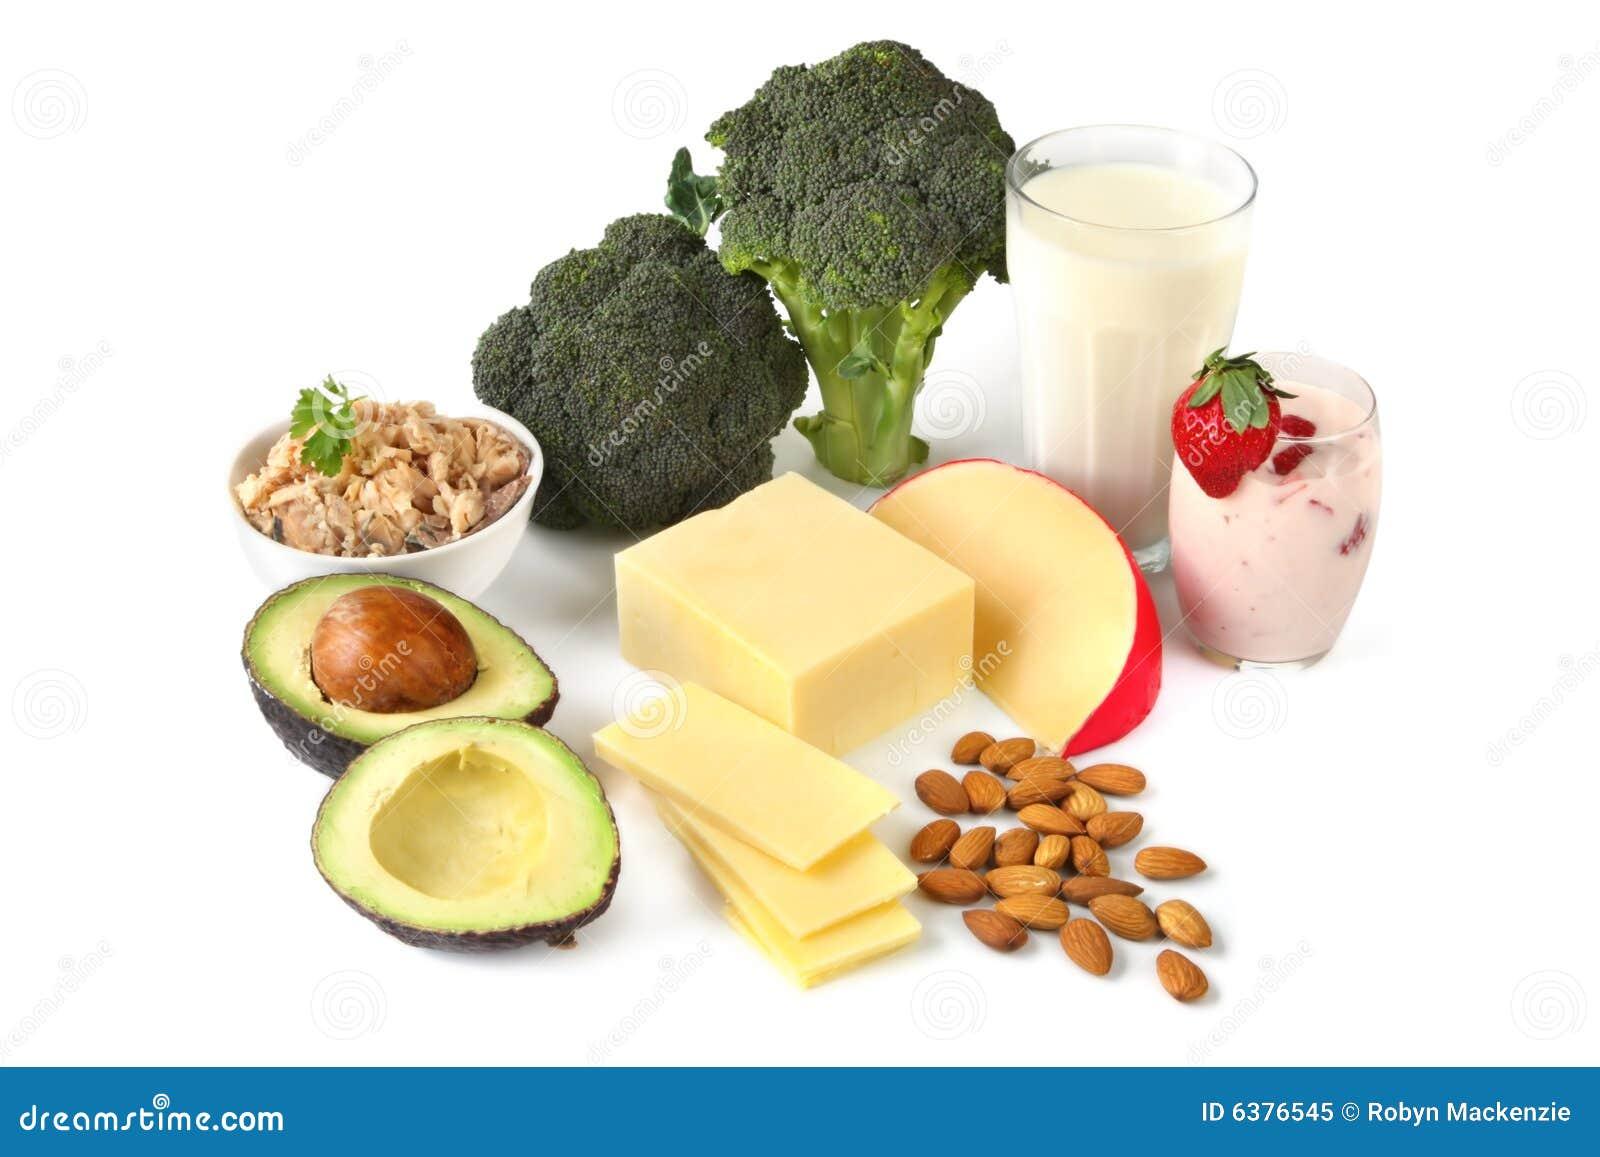 Правильное питание для укрепления костей Женский каприз